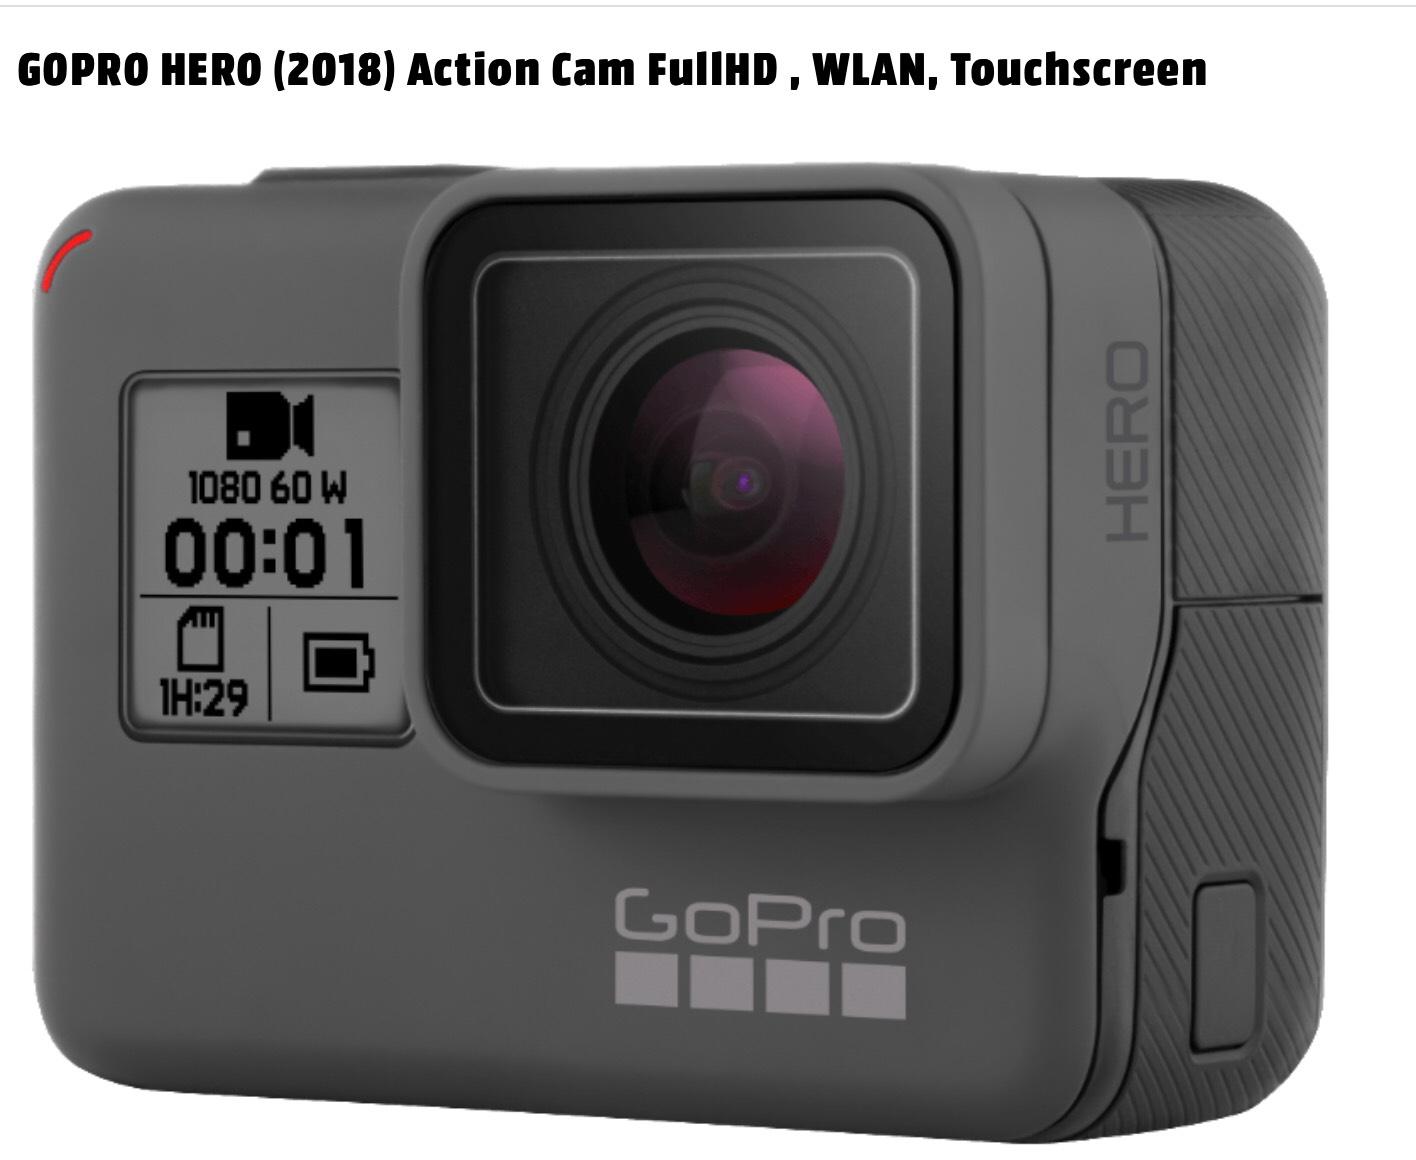 GoPro Hero 2018 (Hero 5)